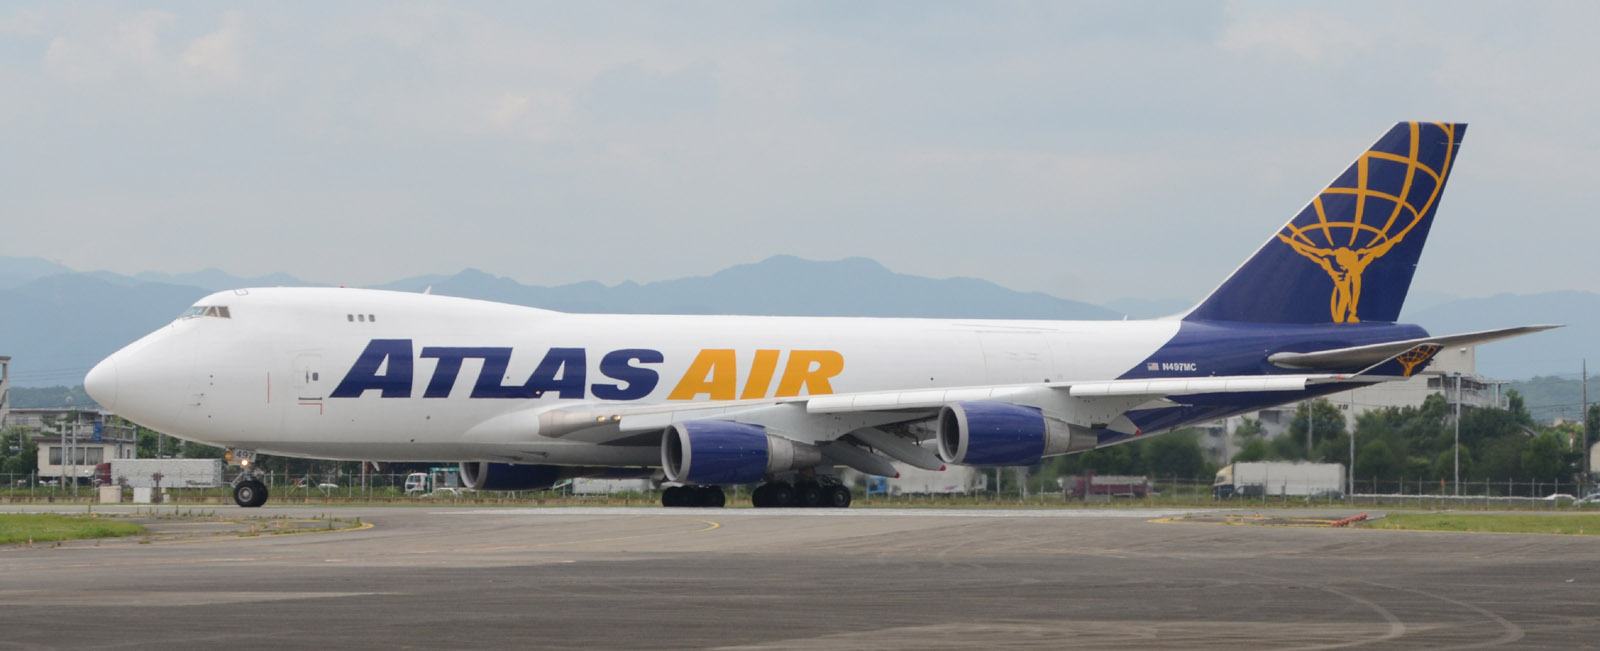 Atlas140708g908